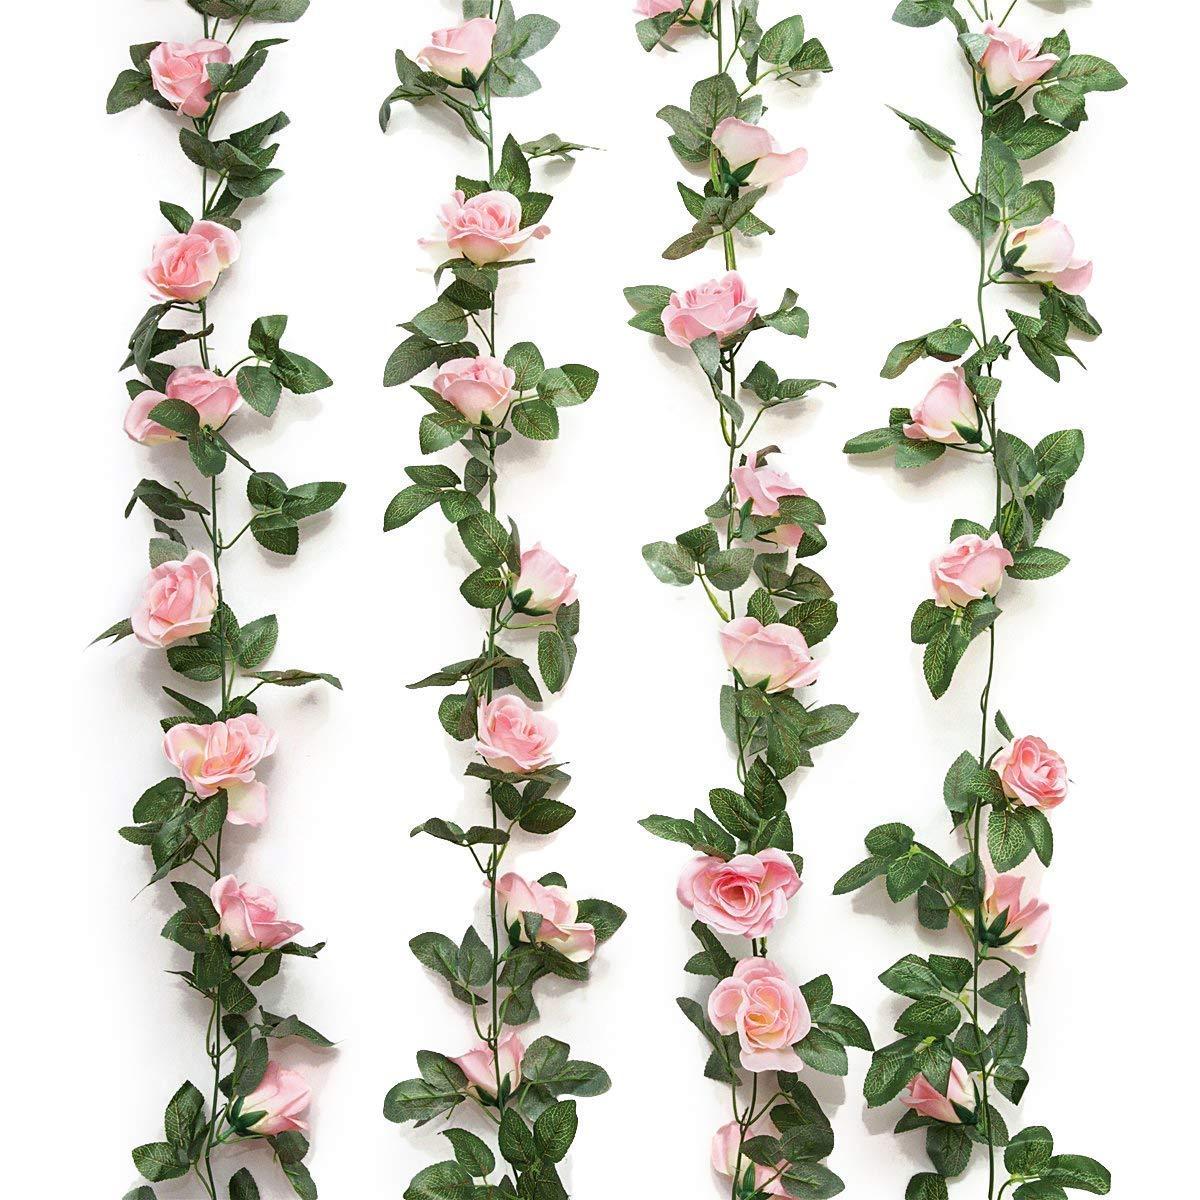 Silk Rose Garland Vine Plant Flower